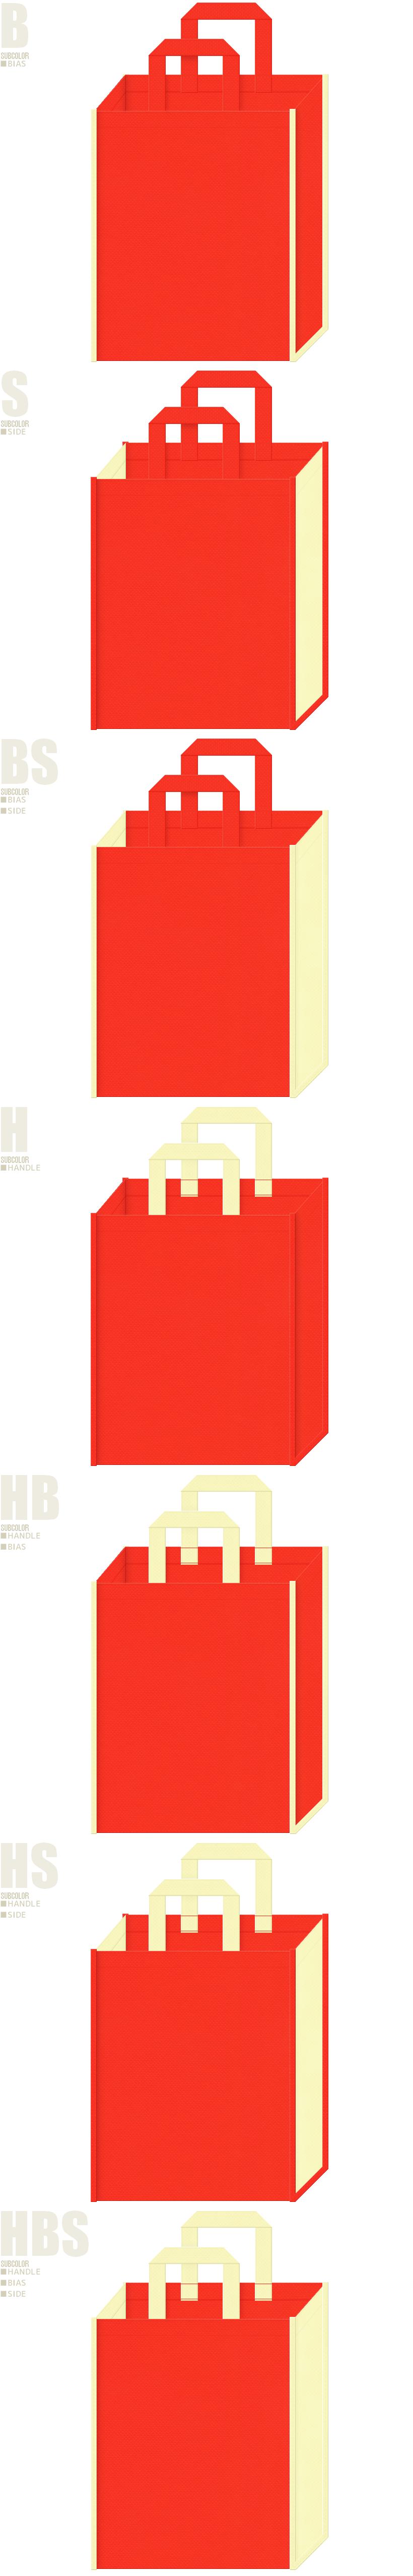 たまご・サラダ油・調味料・お料理教室・レシピ・キッチン・ランチバッグにお奨めの不織布バッグデザイン:オレンジ色と薄黄色の配色7パターン